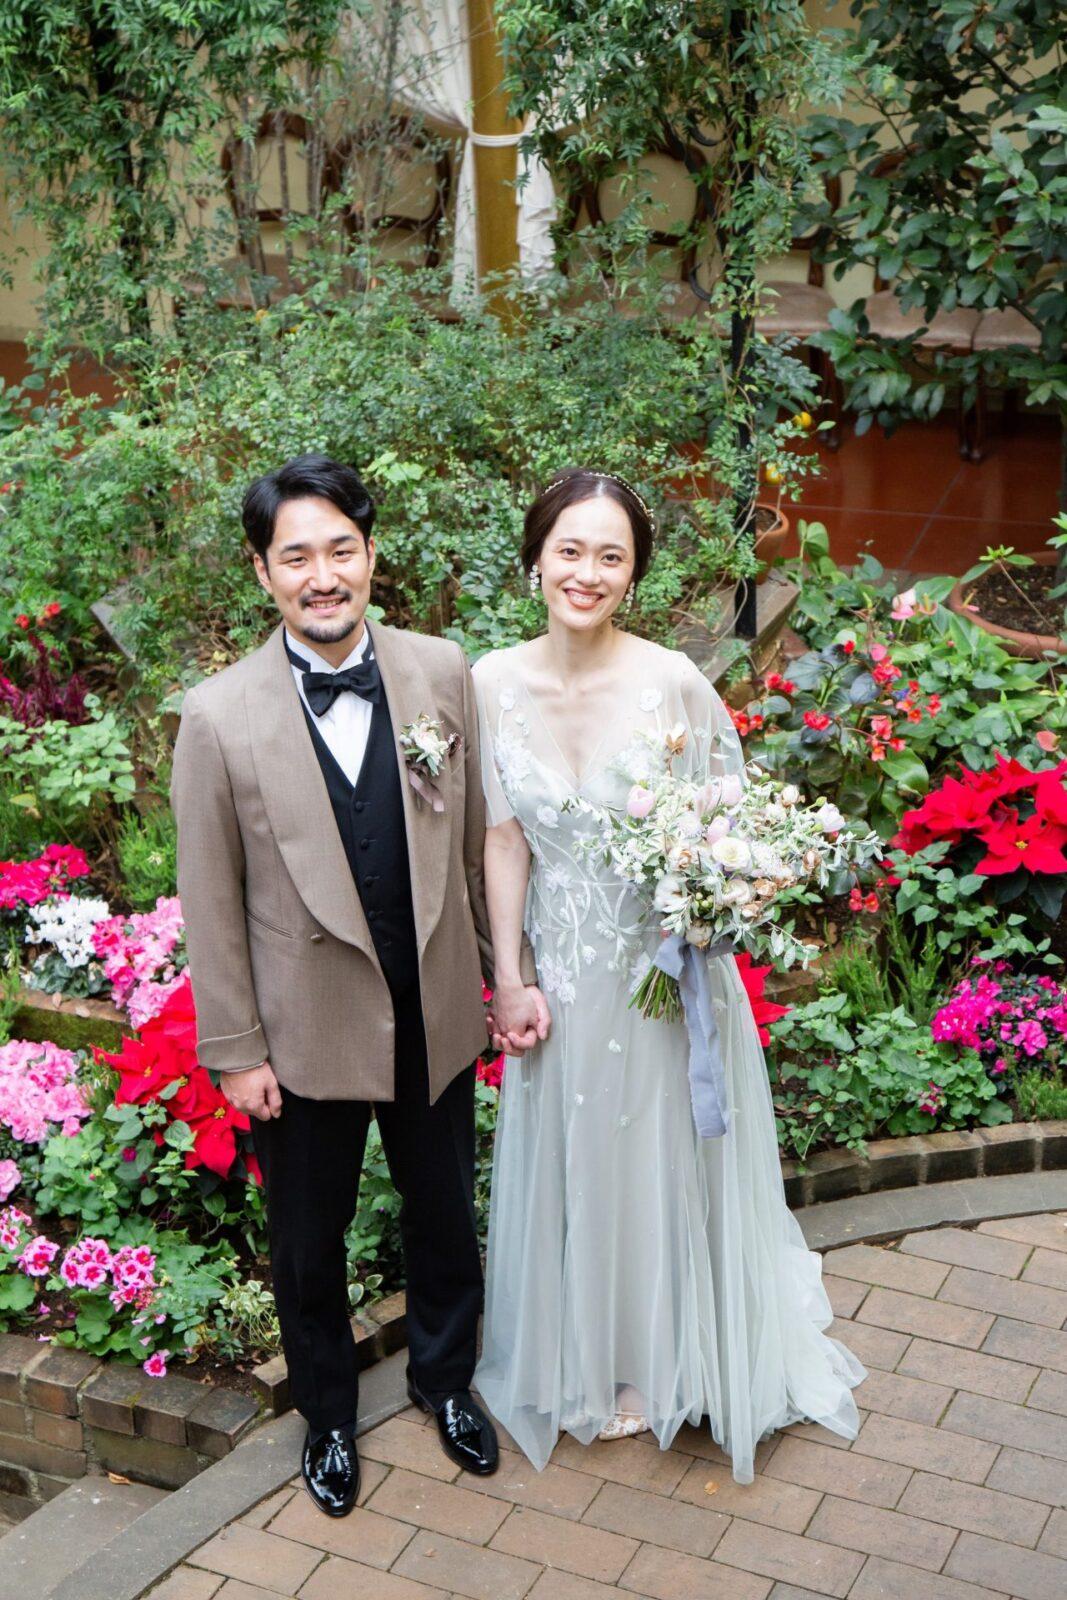 緑豊かなガーデンに囲まれながらインポートのカラードレスとパーティスタイルのタキシードを身に纏い、海外ウェディングのようなお洒落な結婚式を叶えたお二人